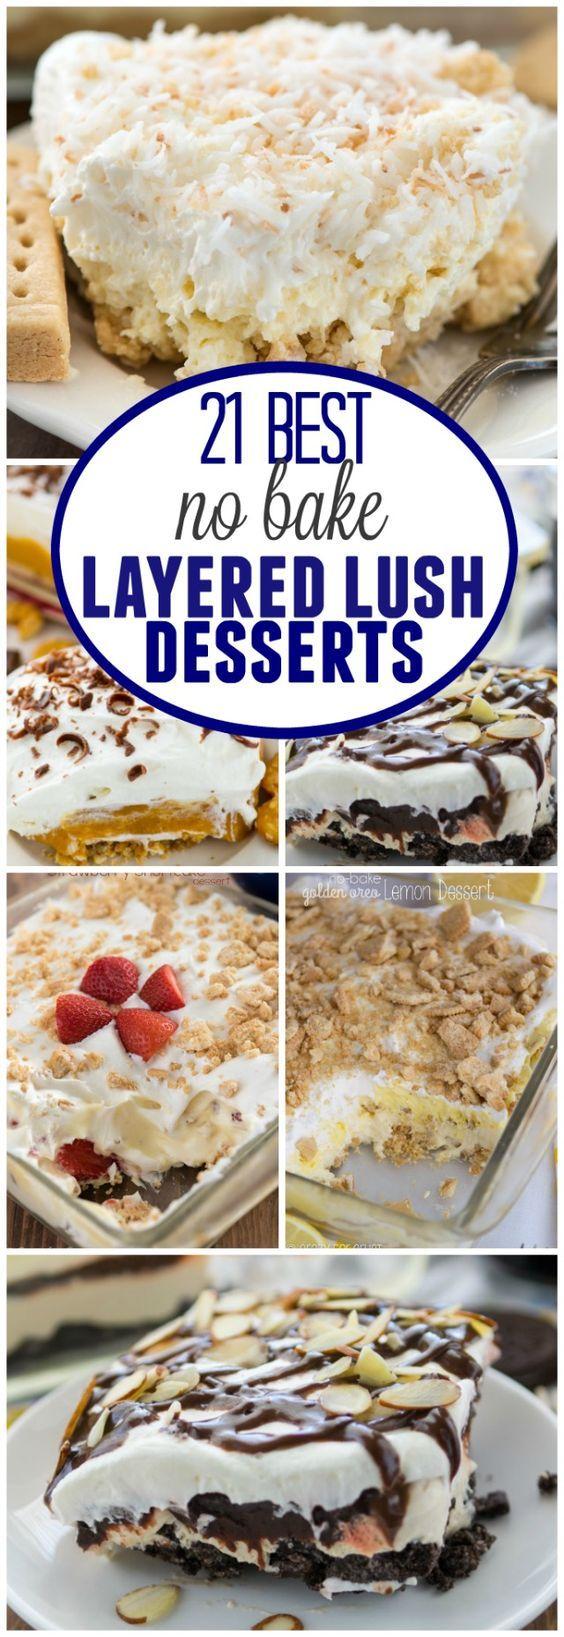 21 of the BEST No BakeLayered Dessert Lush Recipes! Lush no bake dessert dessert lasagna they're an easy recipe everyone will love.